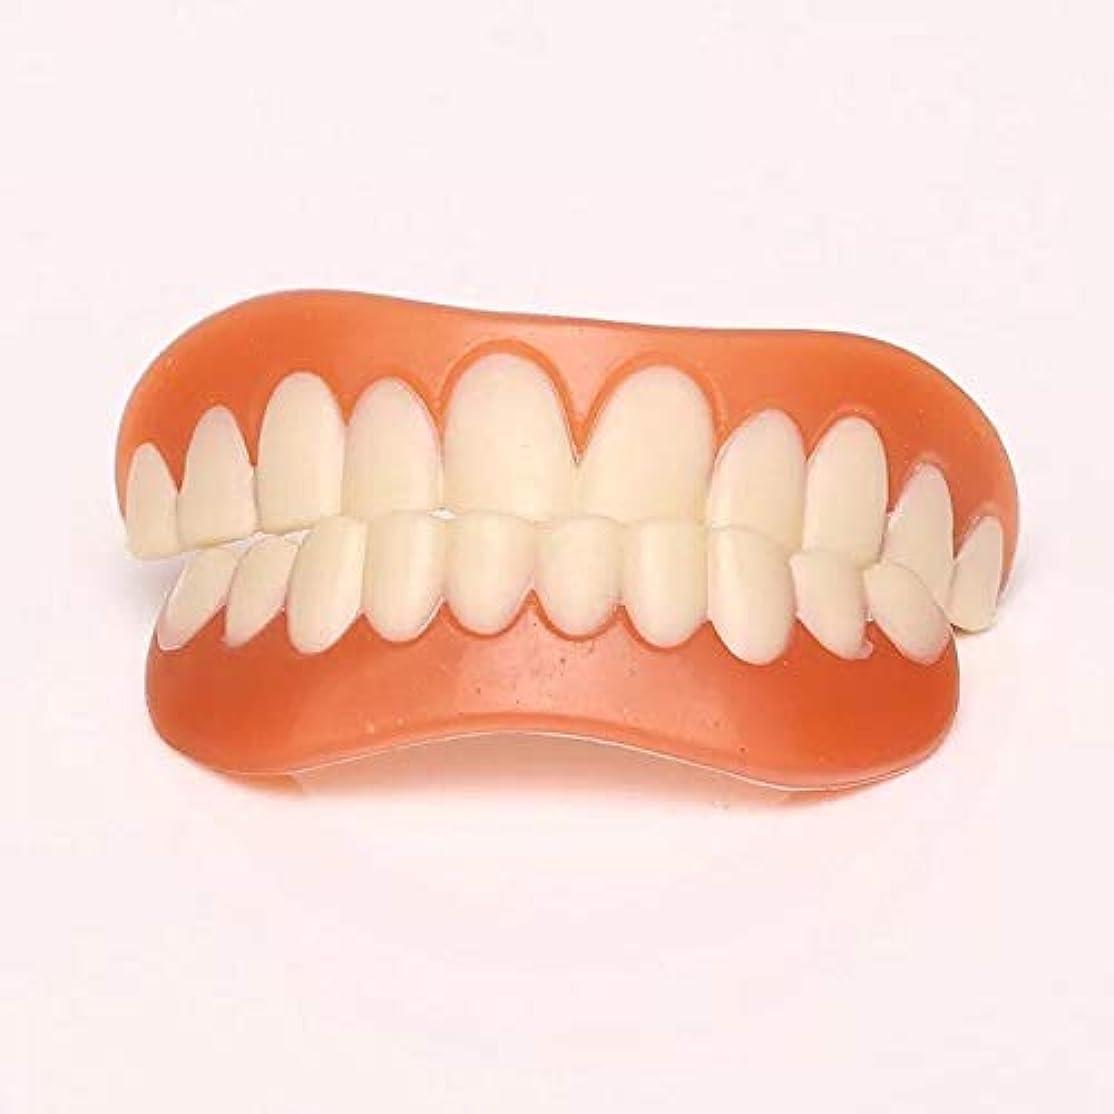 認証頬骨厚さシリコーンシミュレーション歯の義歯スリーブ、上下列ホワイトニング歯ステッカー(1セット),A